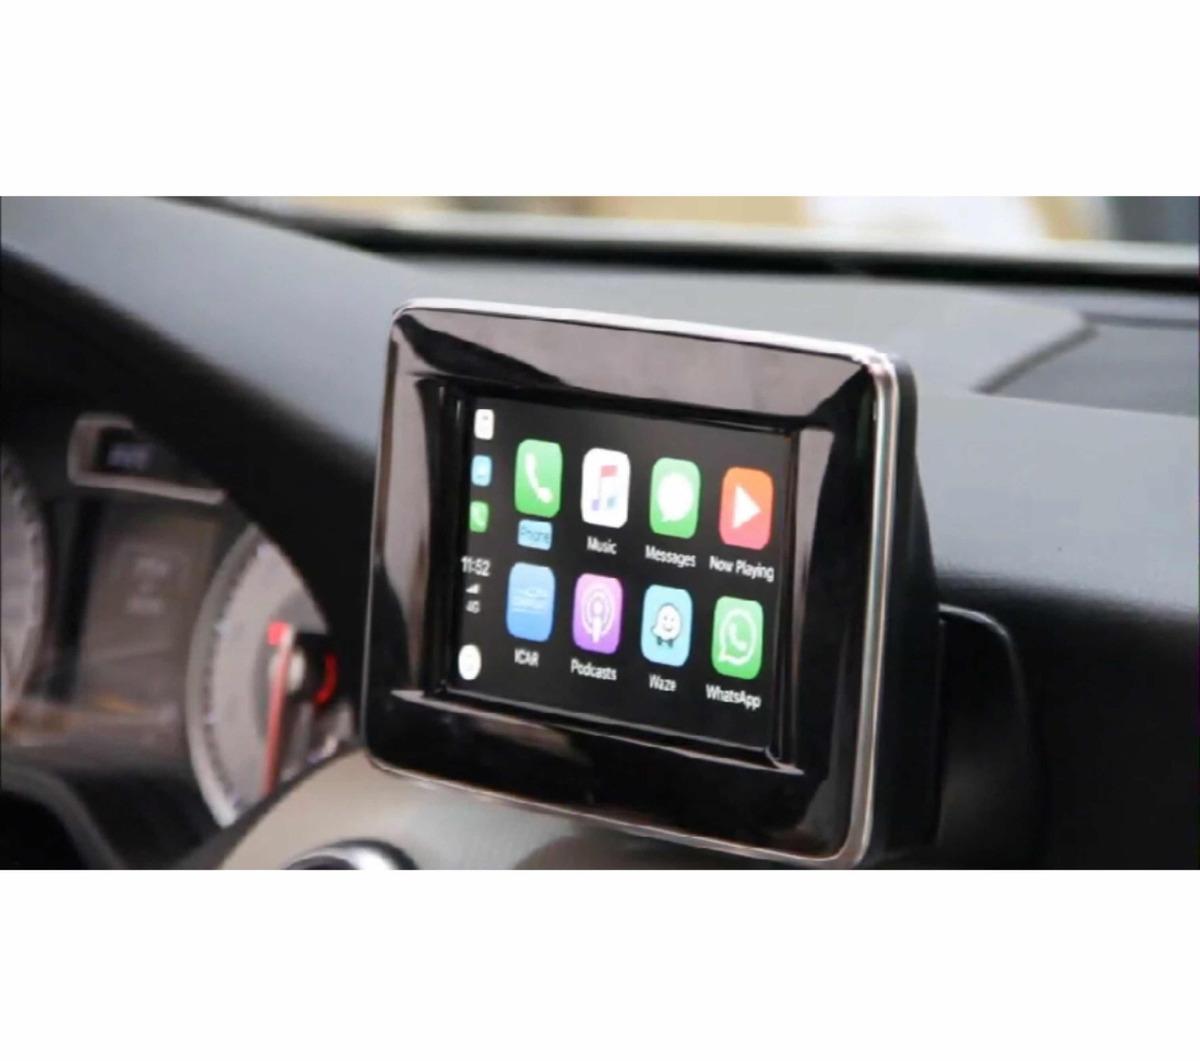 Desbloqueio Mercedes 4em 1 Carplay Android Auto Usb Espelham